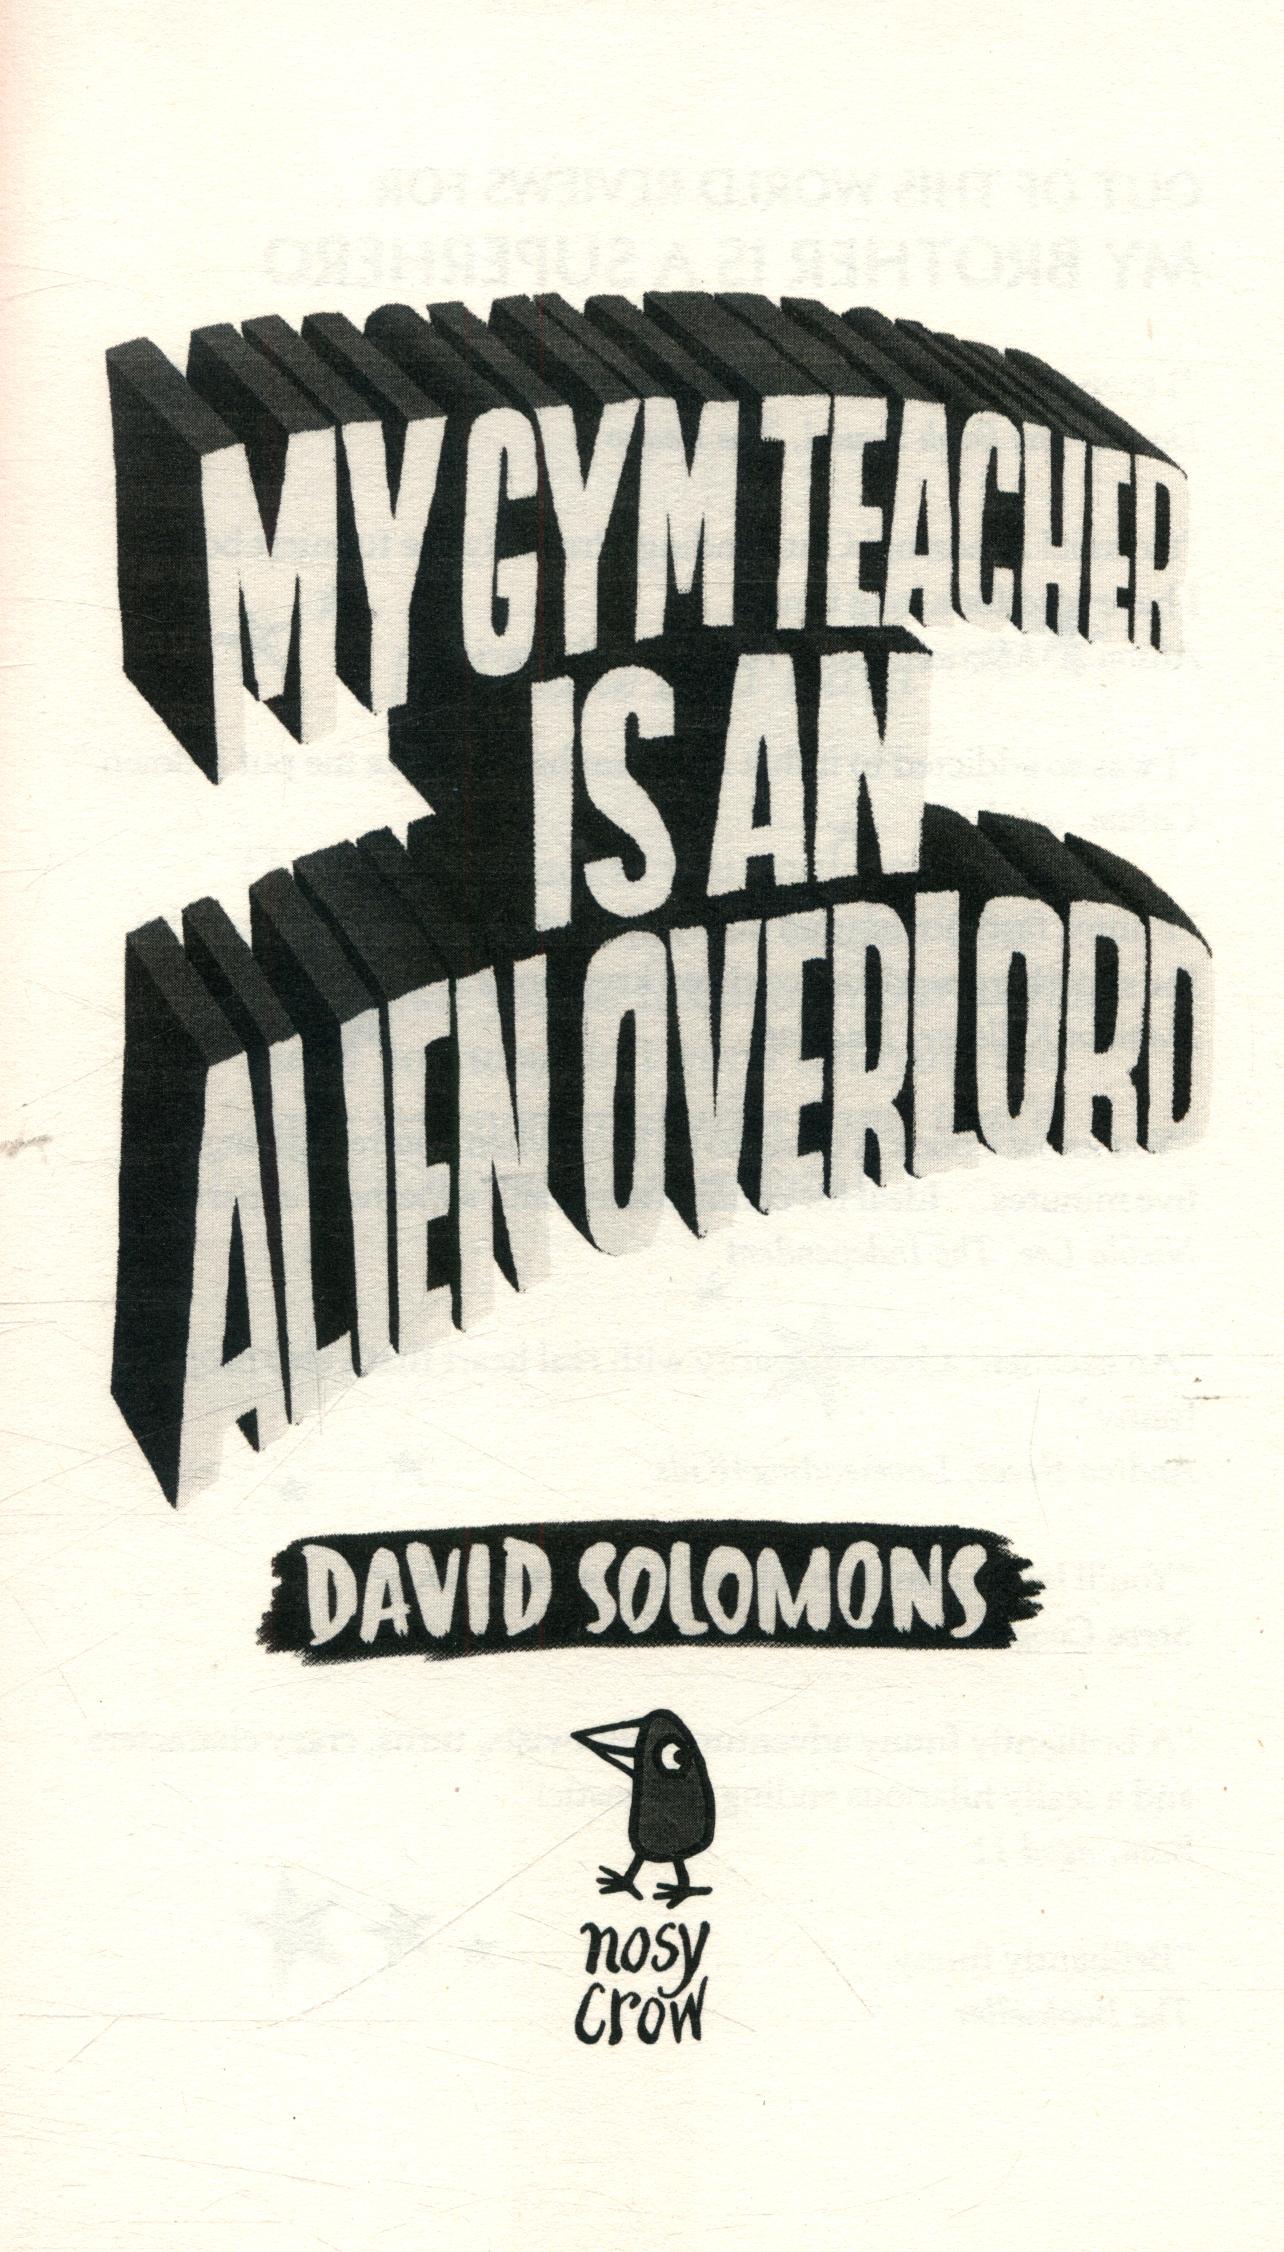 MY GYM TEACHER ALIEN OVERLORD